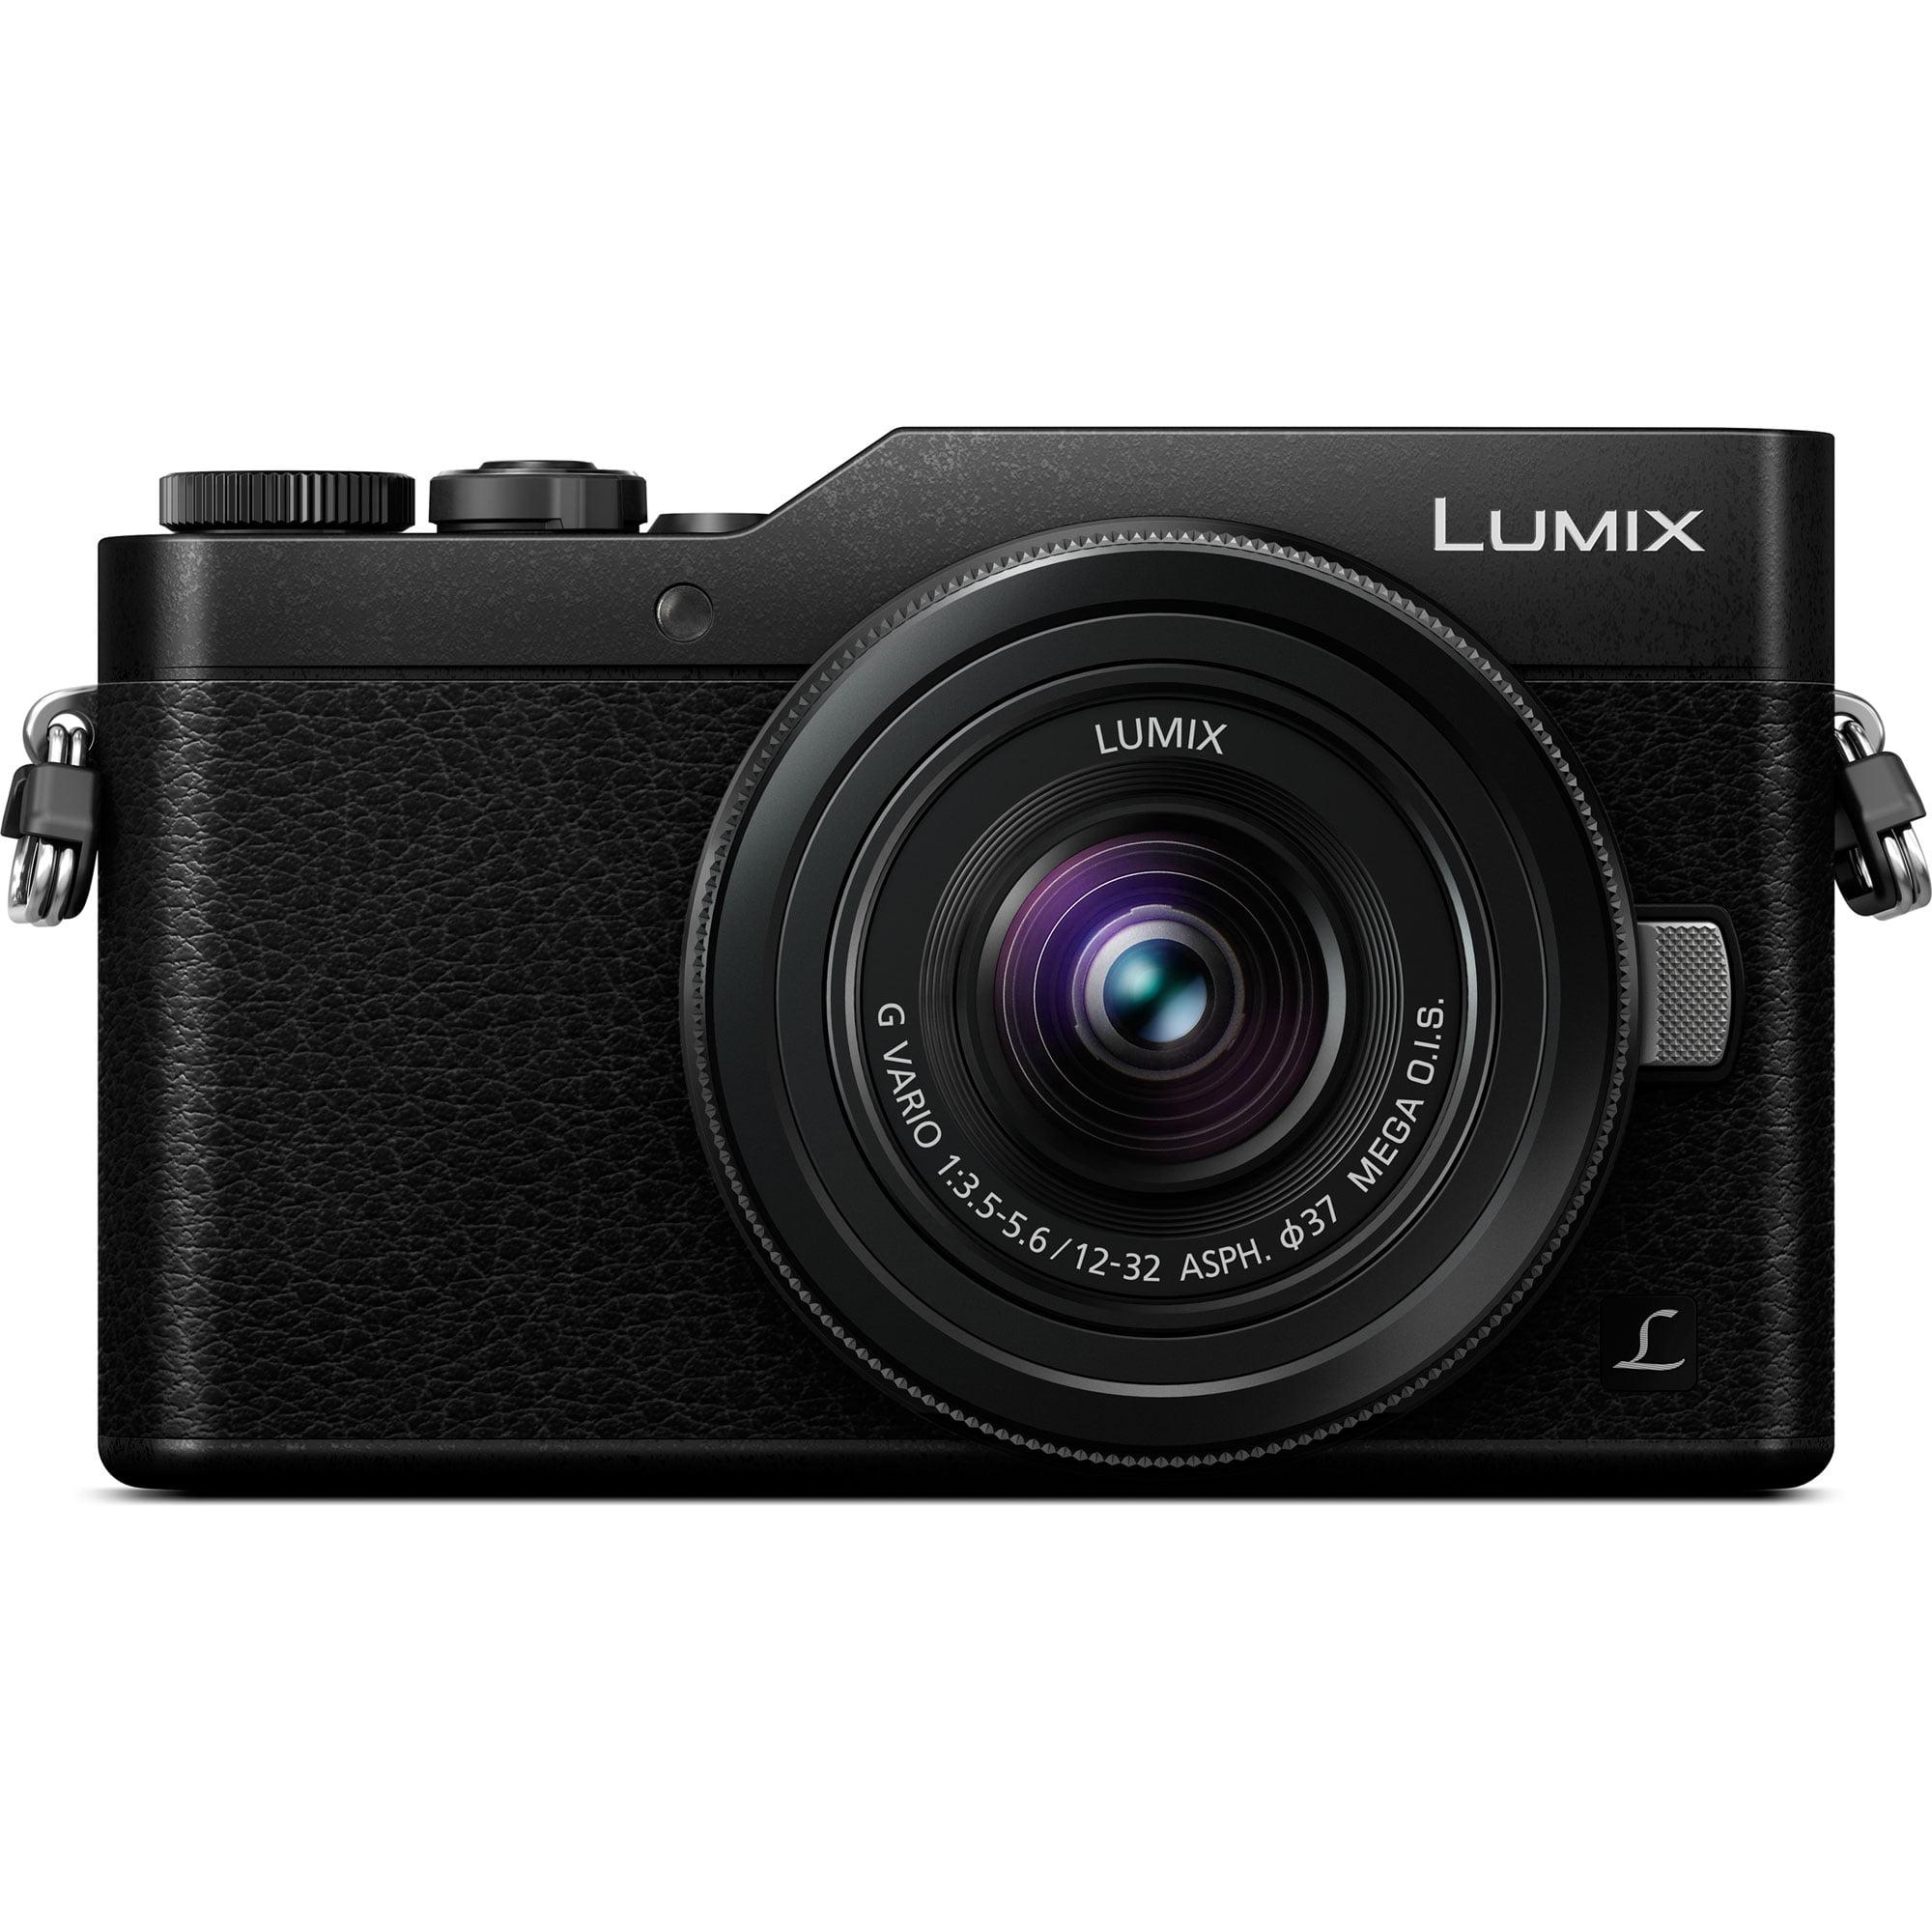 Panasonic LUMIX GX850 4K Mirrorless 16MP Black Digital Camera w/ 12-32mm F3.5-5.6...